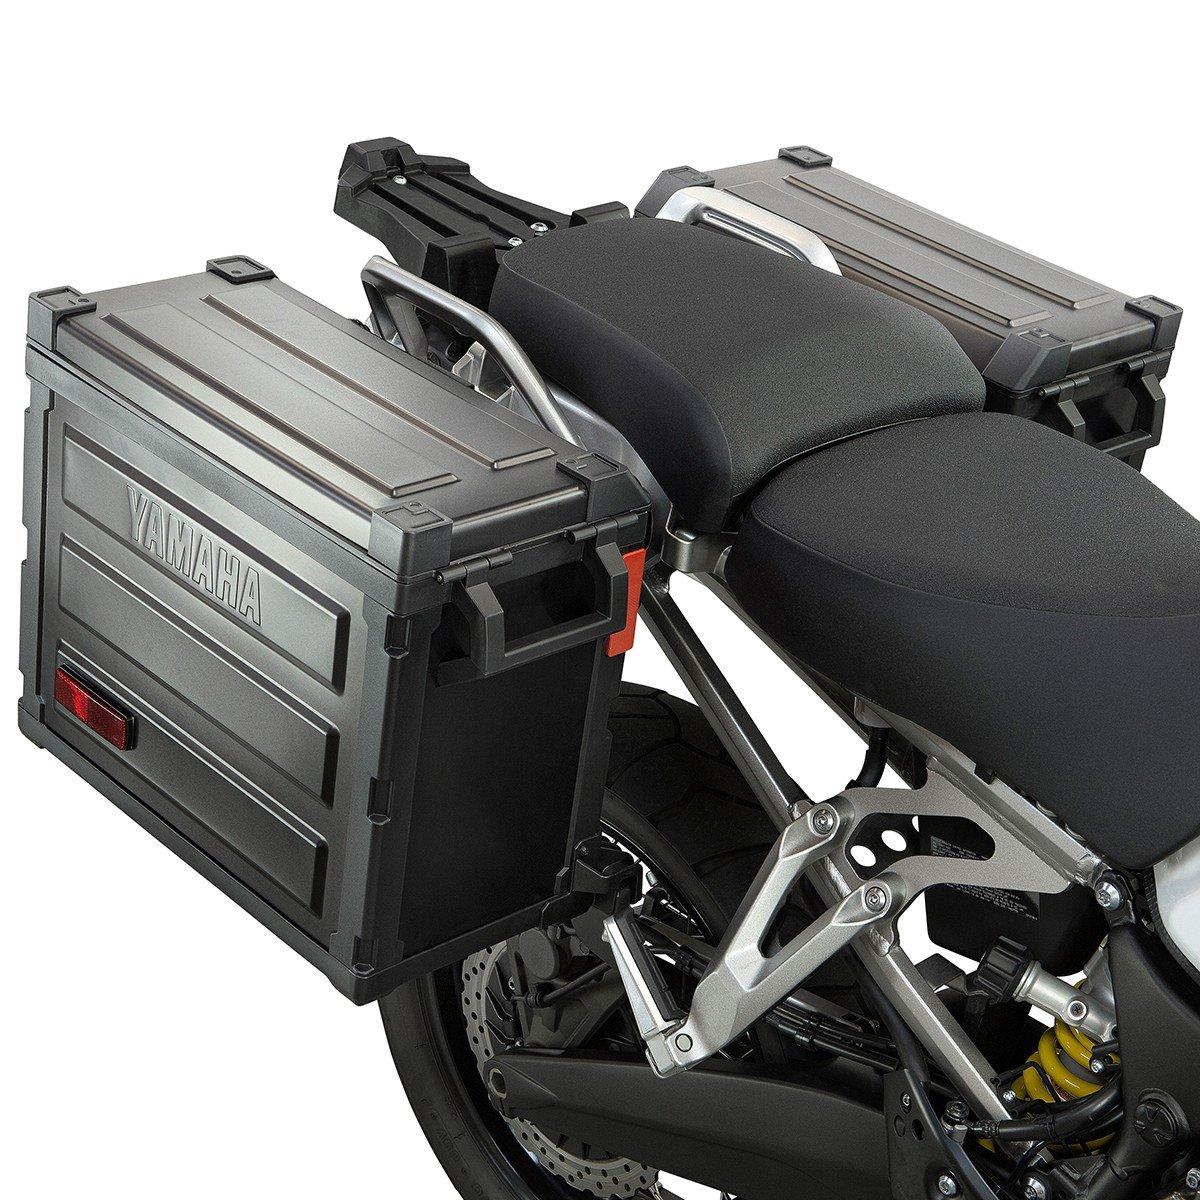 Yamaha Super Ténéré Accessories Side Cases Black, Right Side 23P-F84B8-R0-00